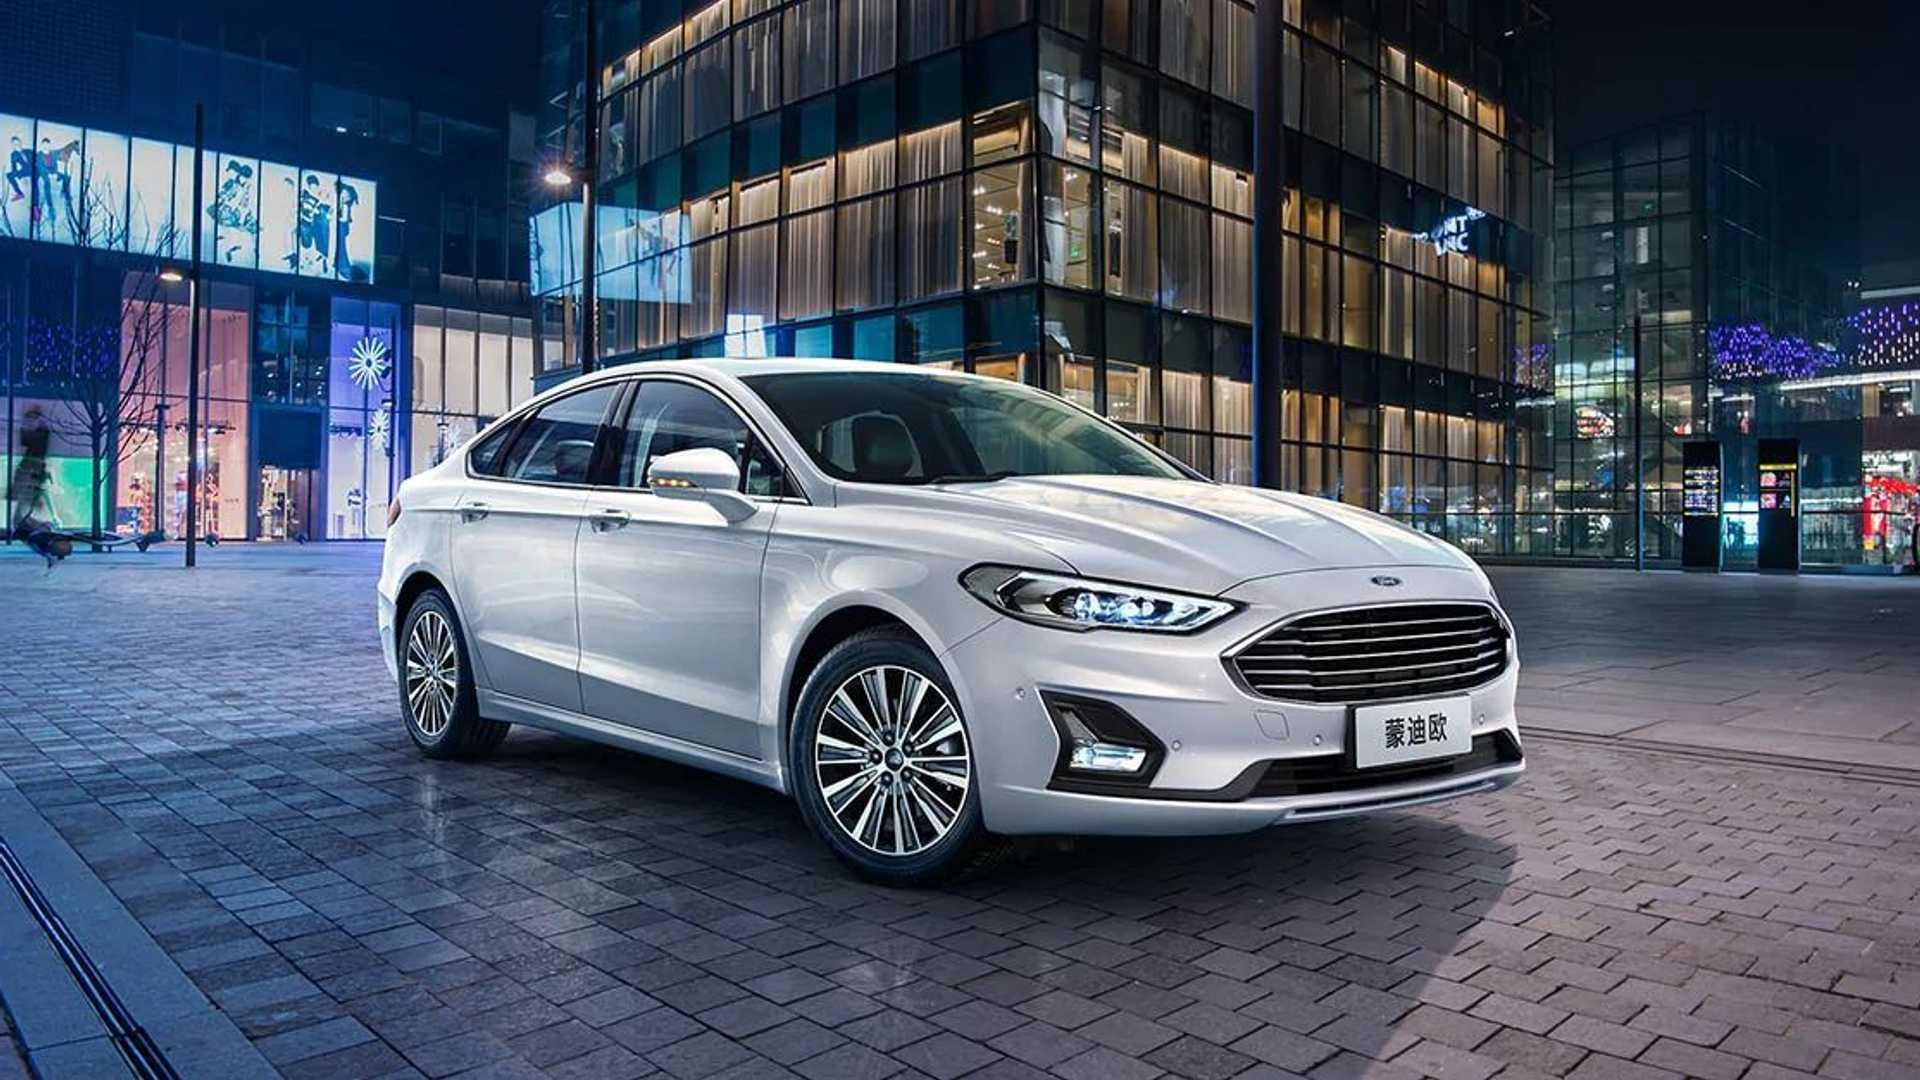 2020 Ford Mondeo facelift (China-spec)   Motor1.com Photos